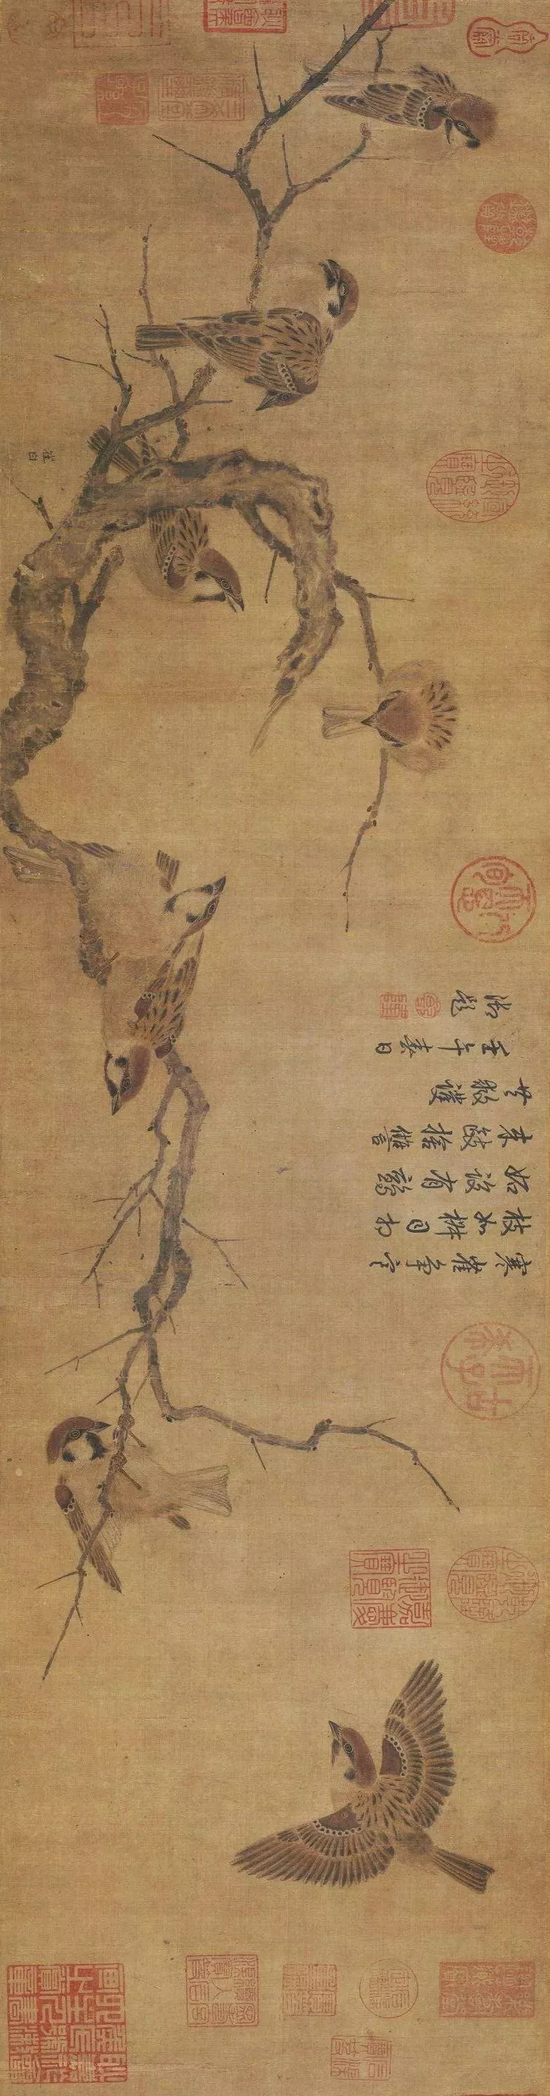 ▲ 《寒雀图图卷》 崔白 23.5 × 101.4 cm 北京故宫博物院藏